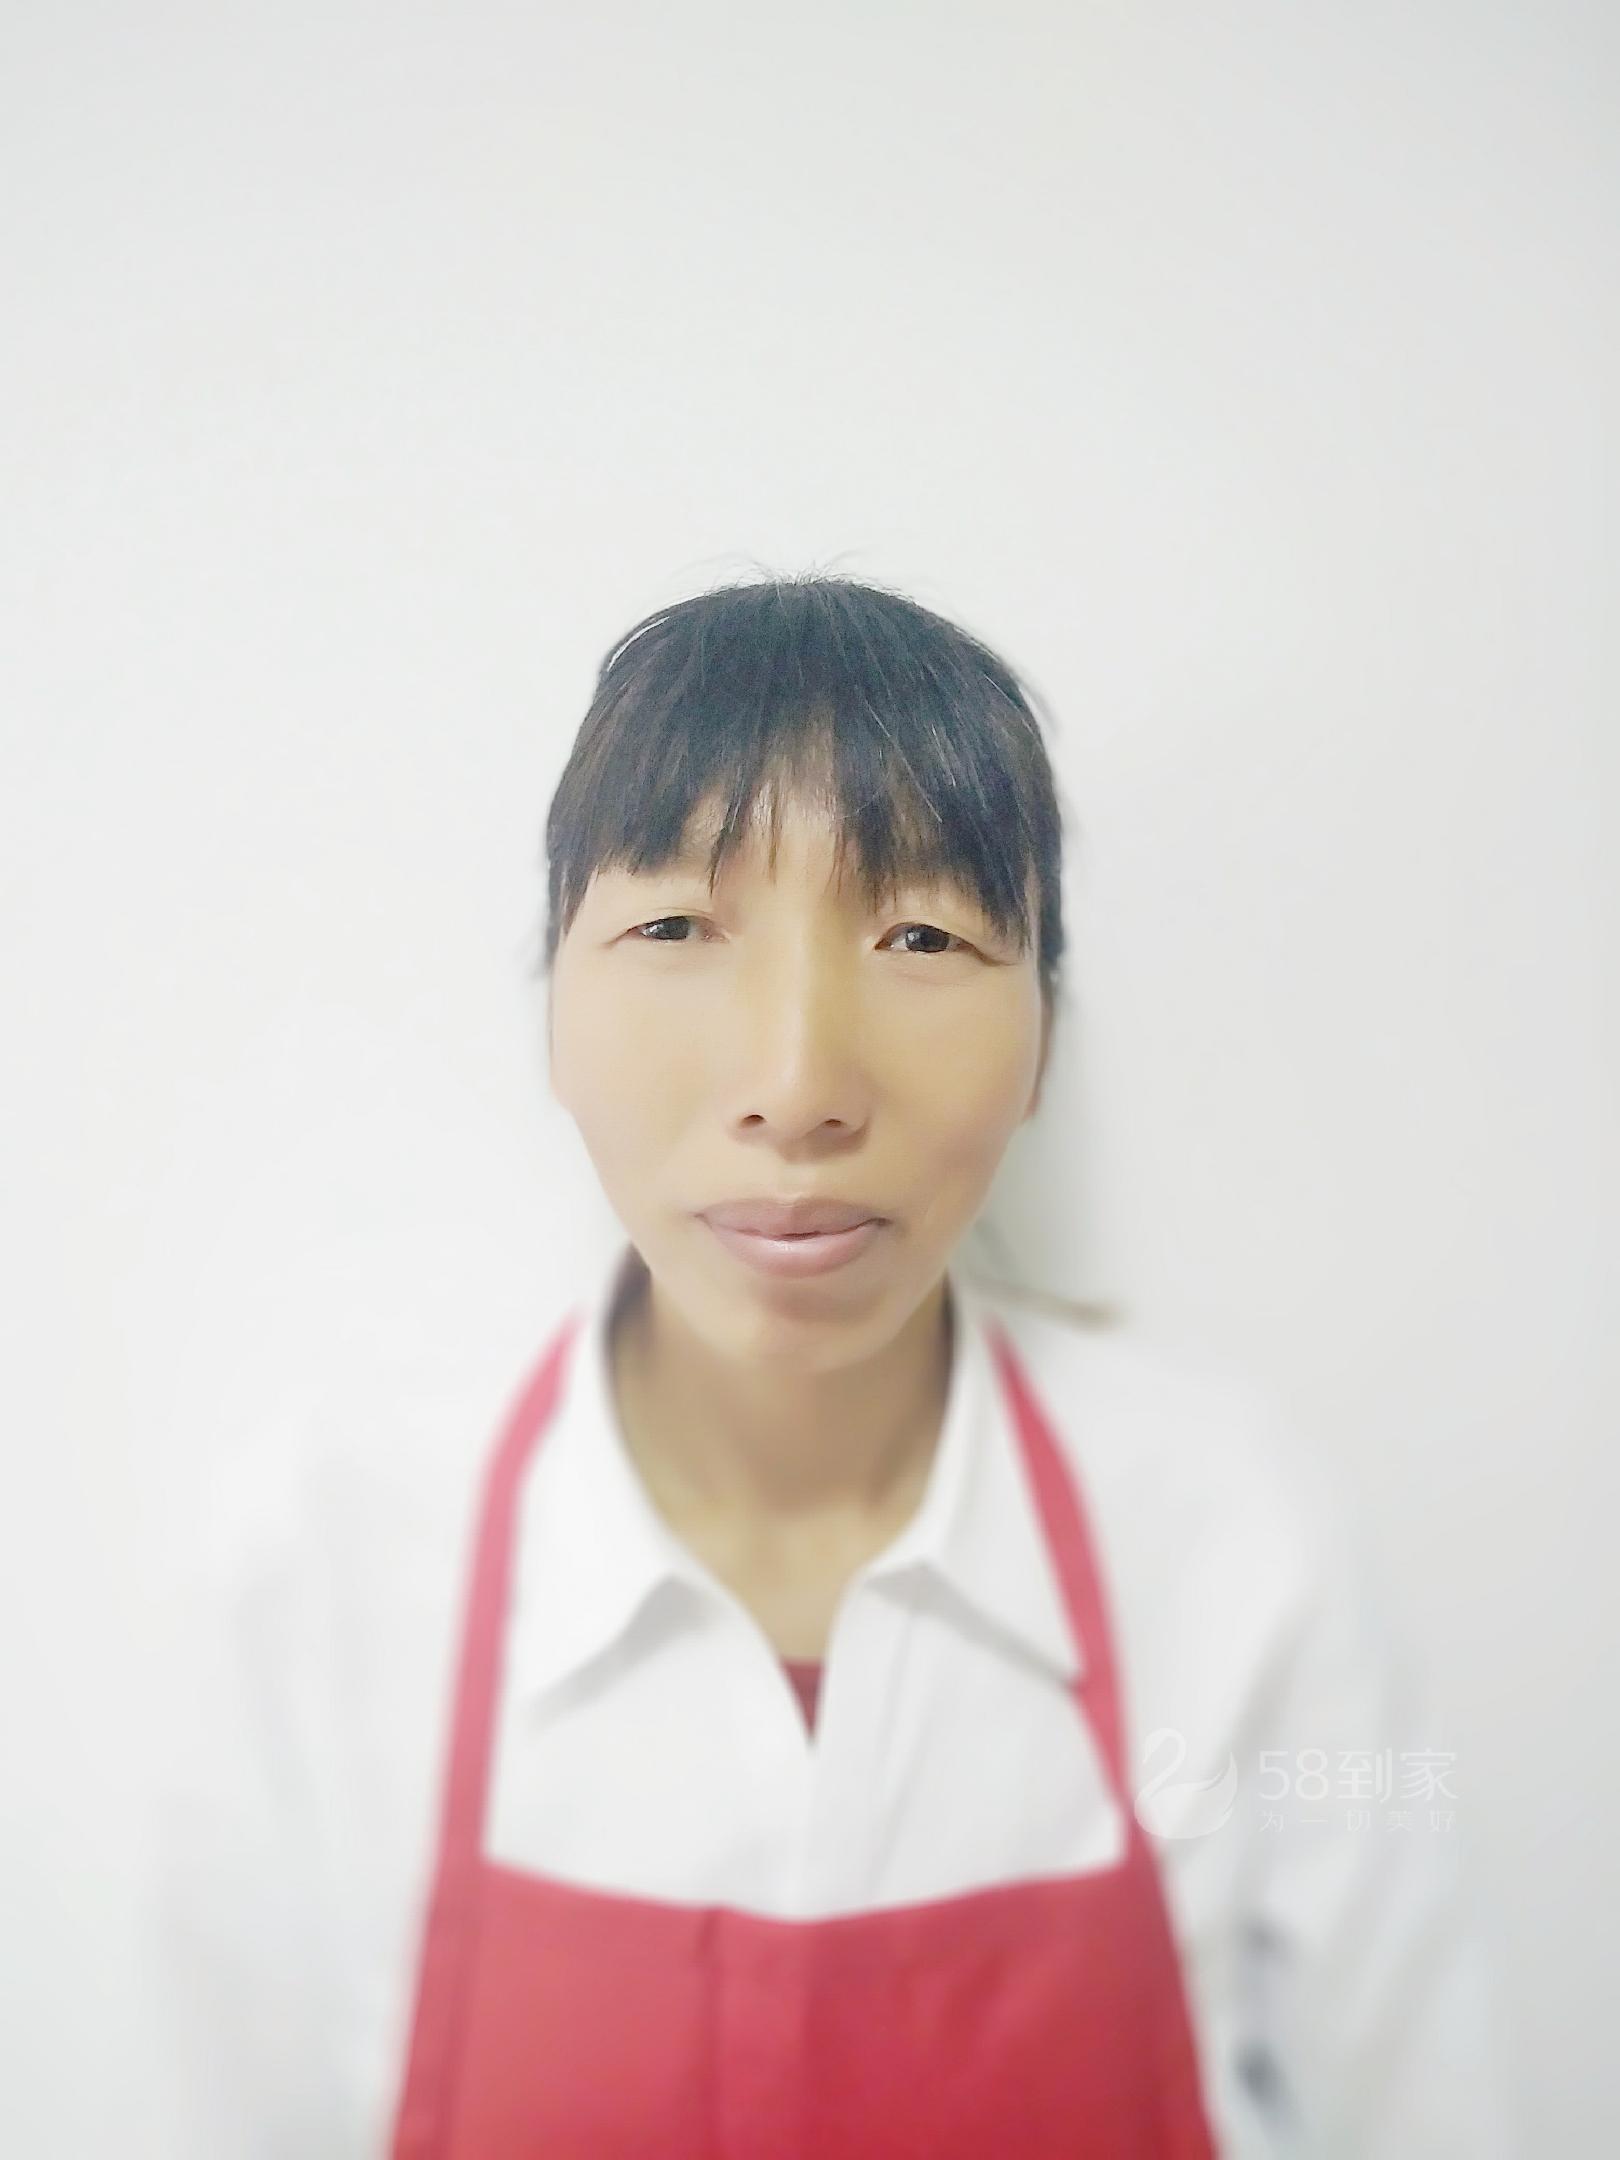 保洁师钱金霞